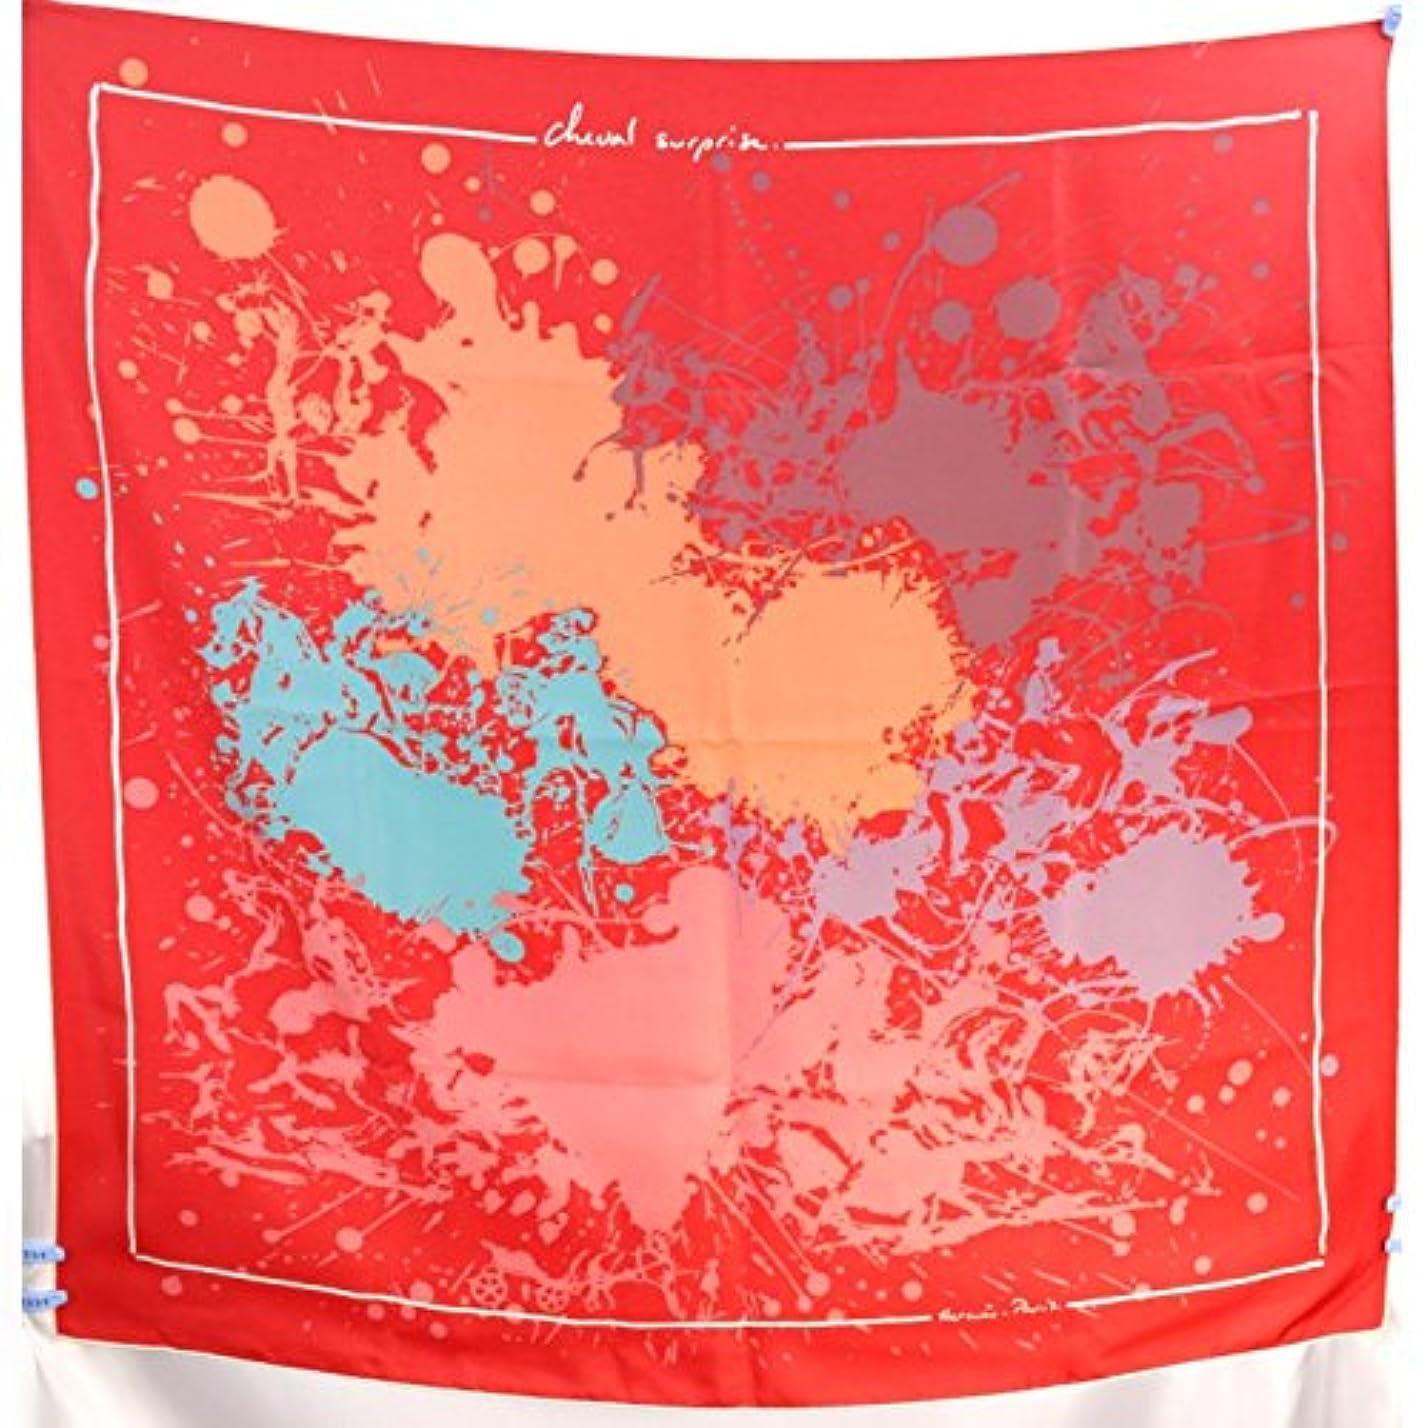 チート抑圧する調停するHERMES(エルメス) 大判スカーフ 赤×ピンク×グリーン他 [中古]